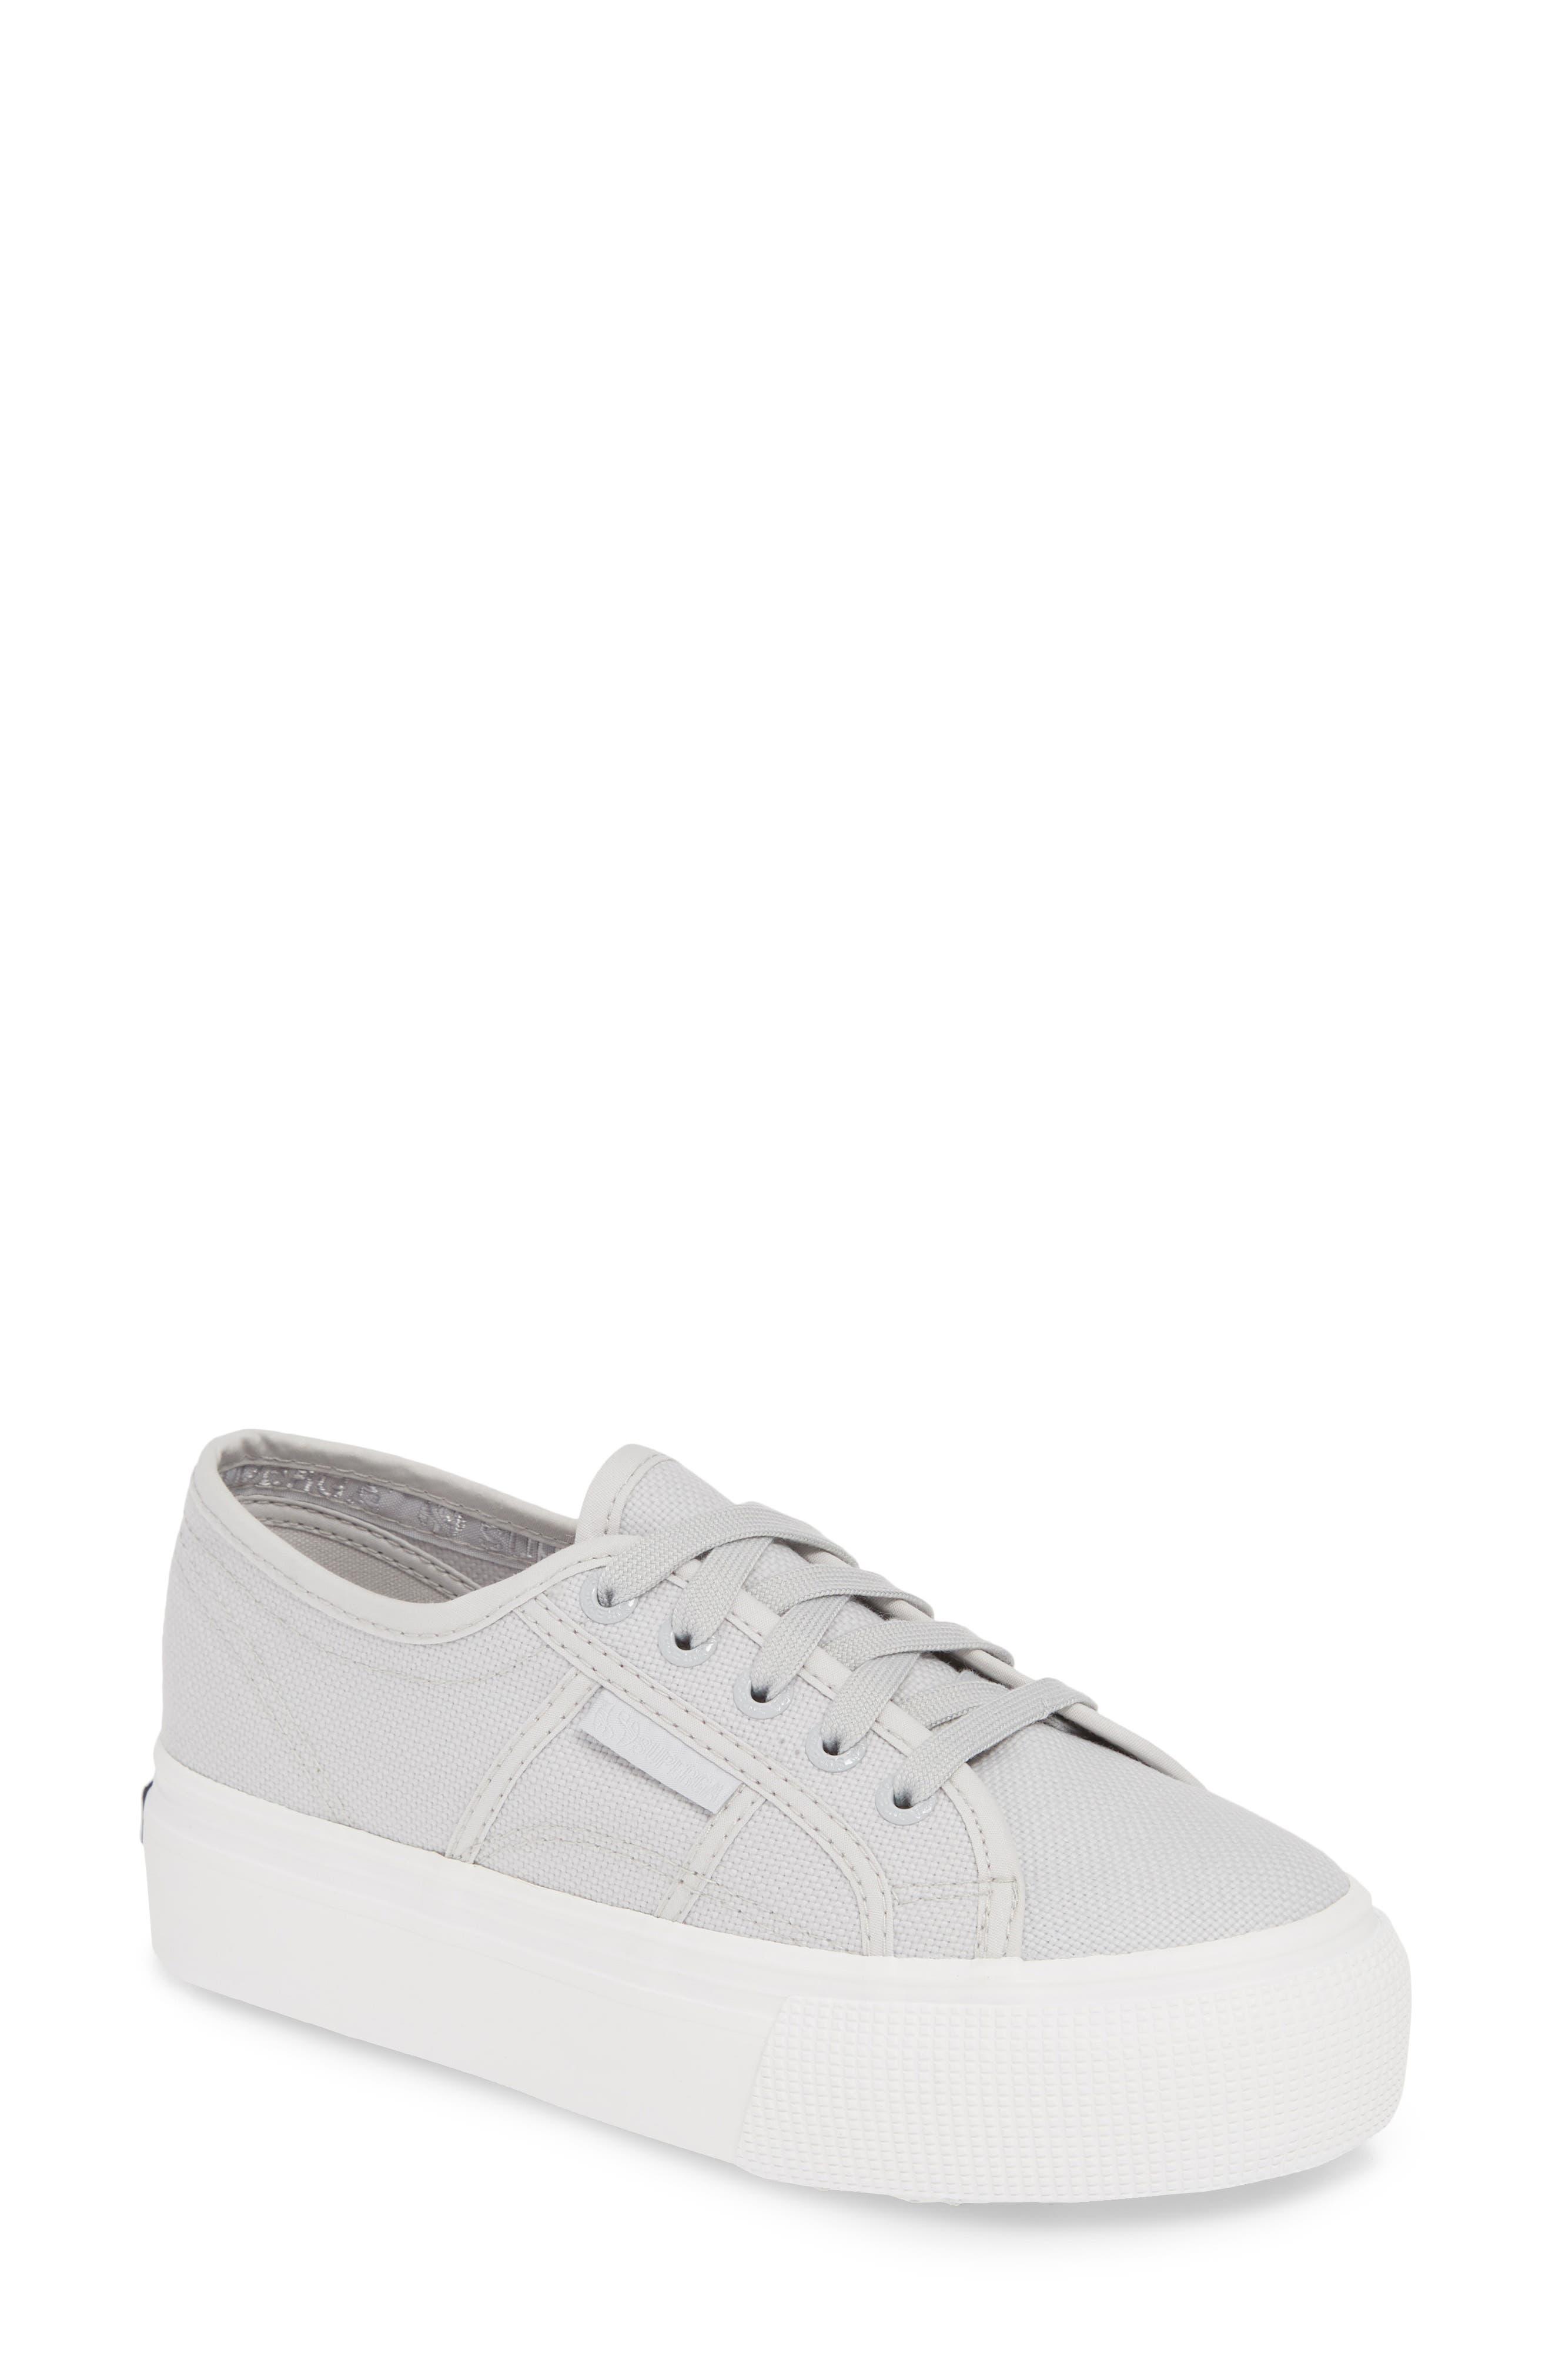 716e53f9d8f46 platform sneakers